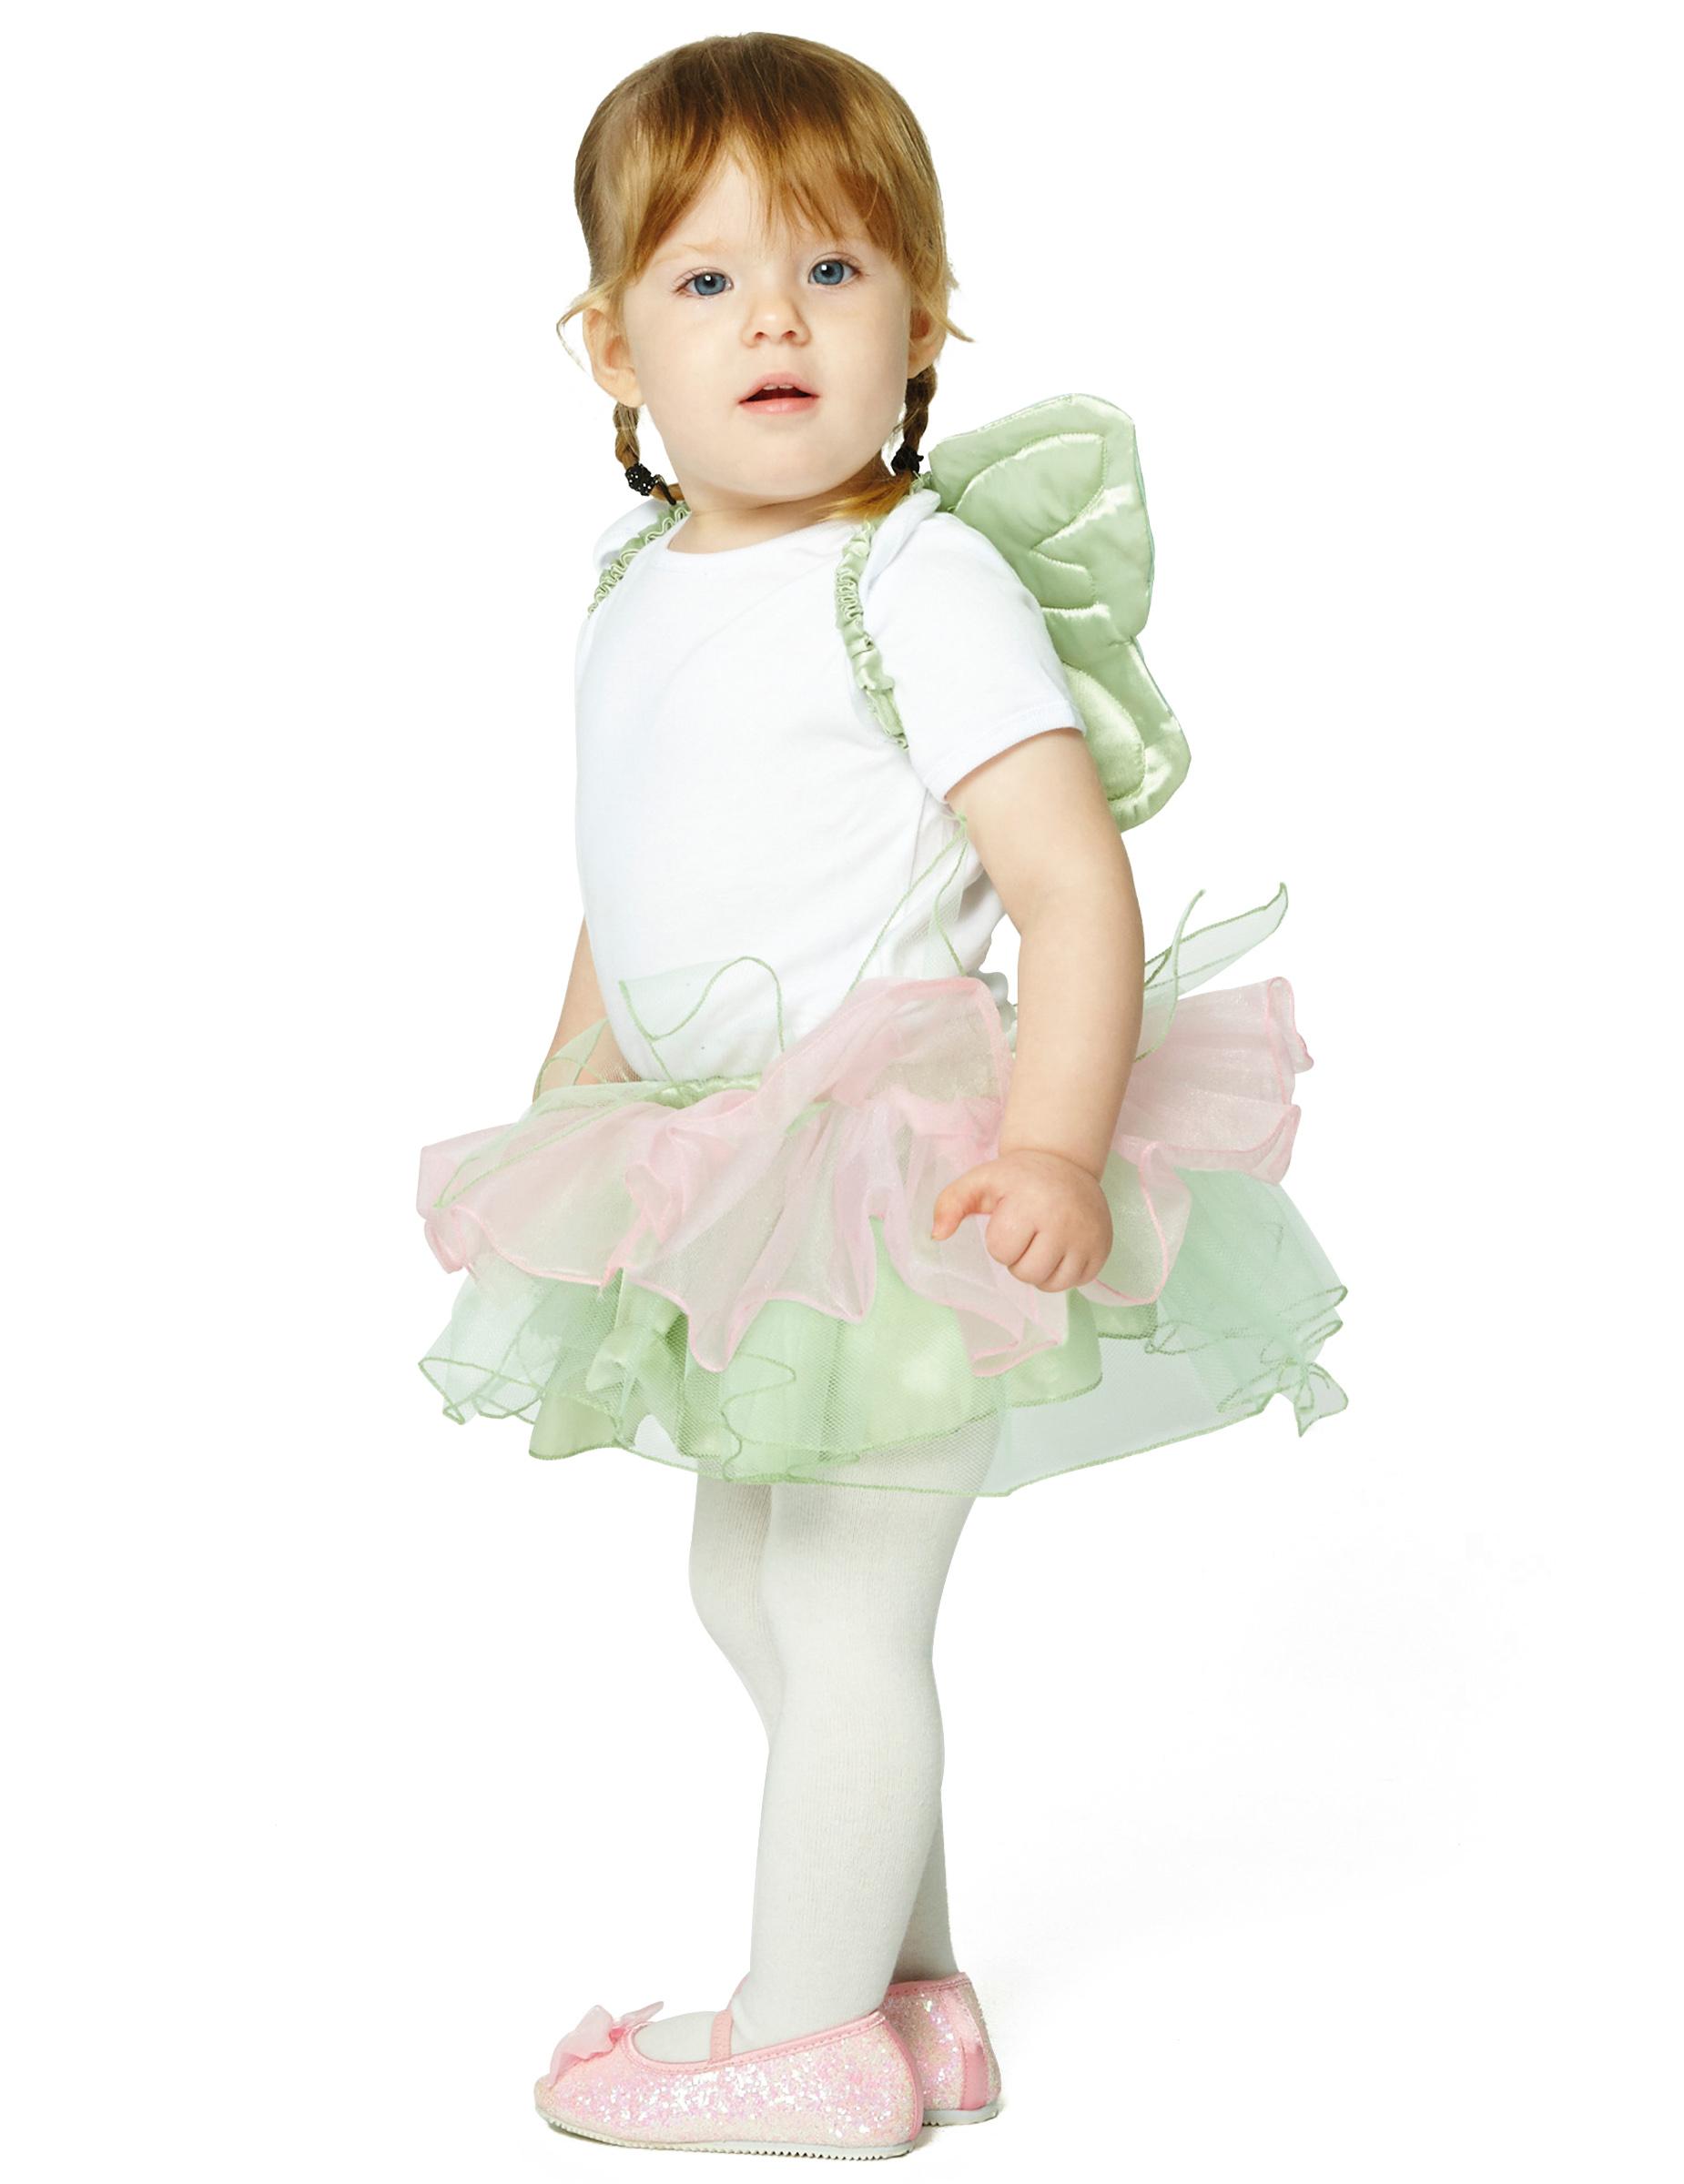 ad1891b522d Klokkeblomst™ kostume til små børn, køb Kostumer til børn på Vegaoo.dk